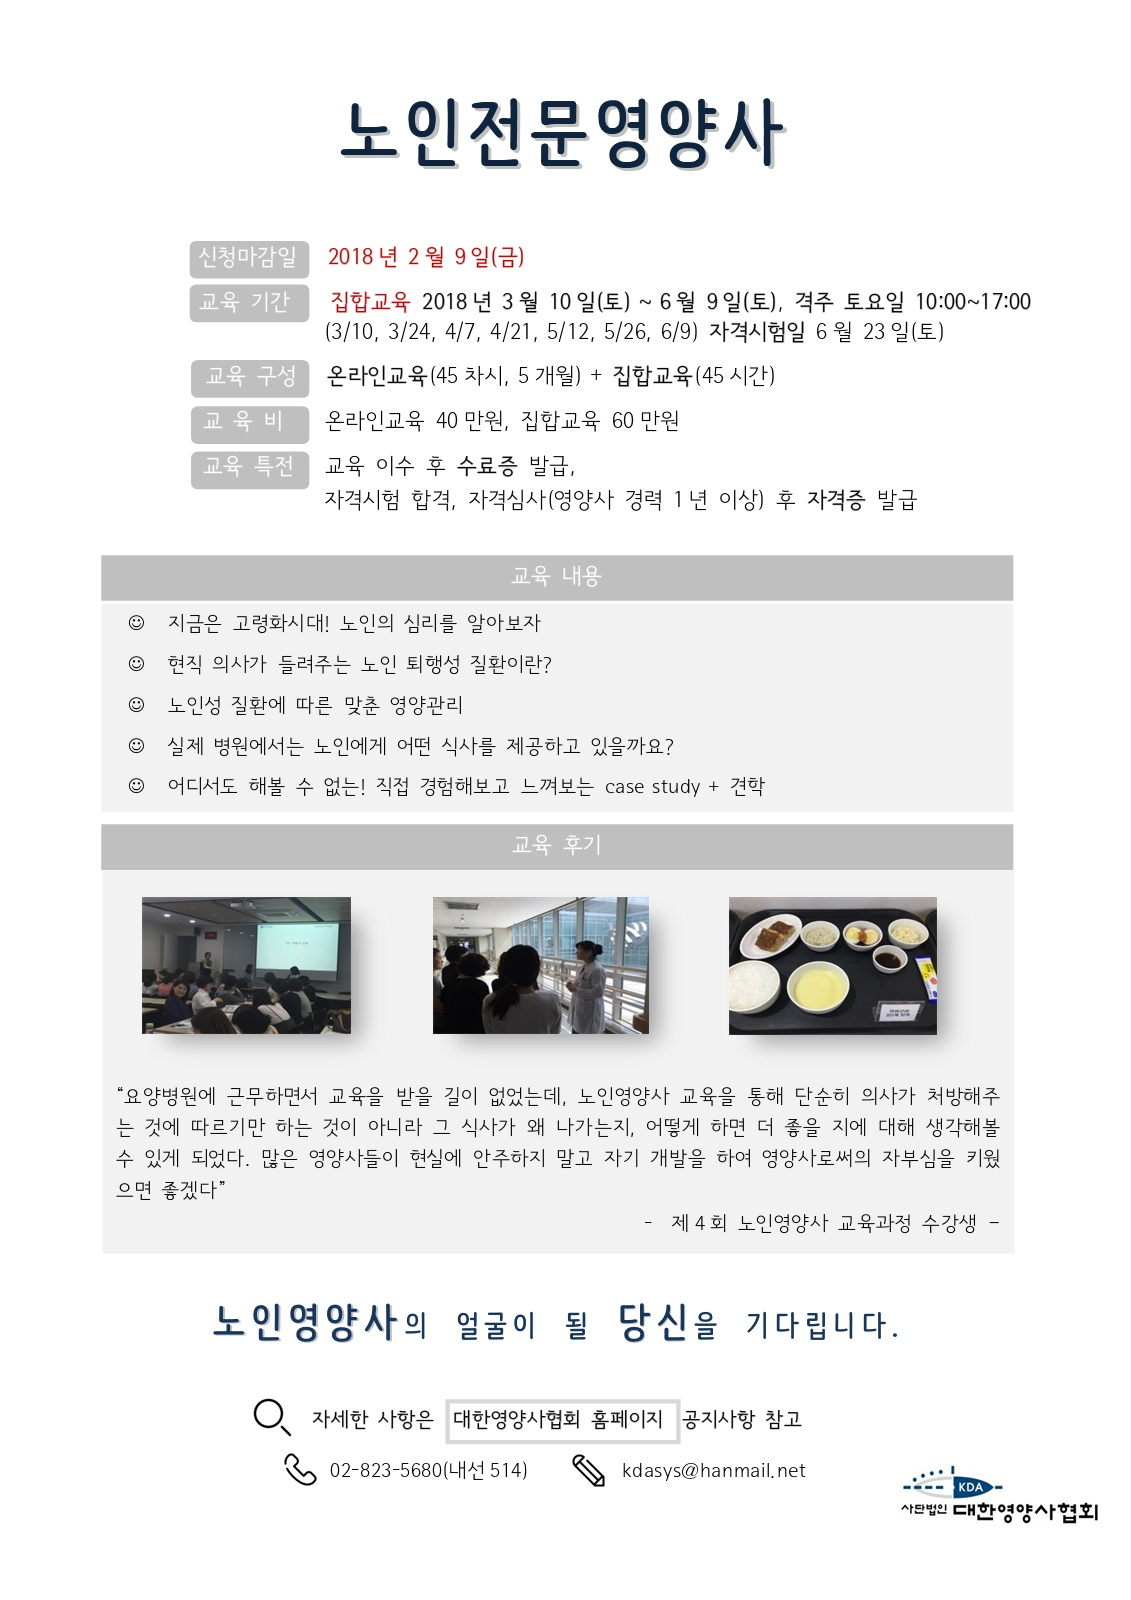 붙임2. 노인영양사 교육과정 안내문.jpg